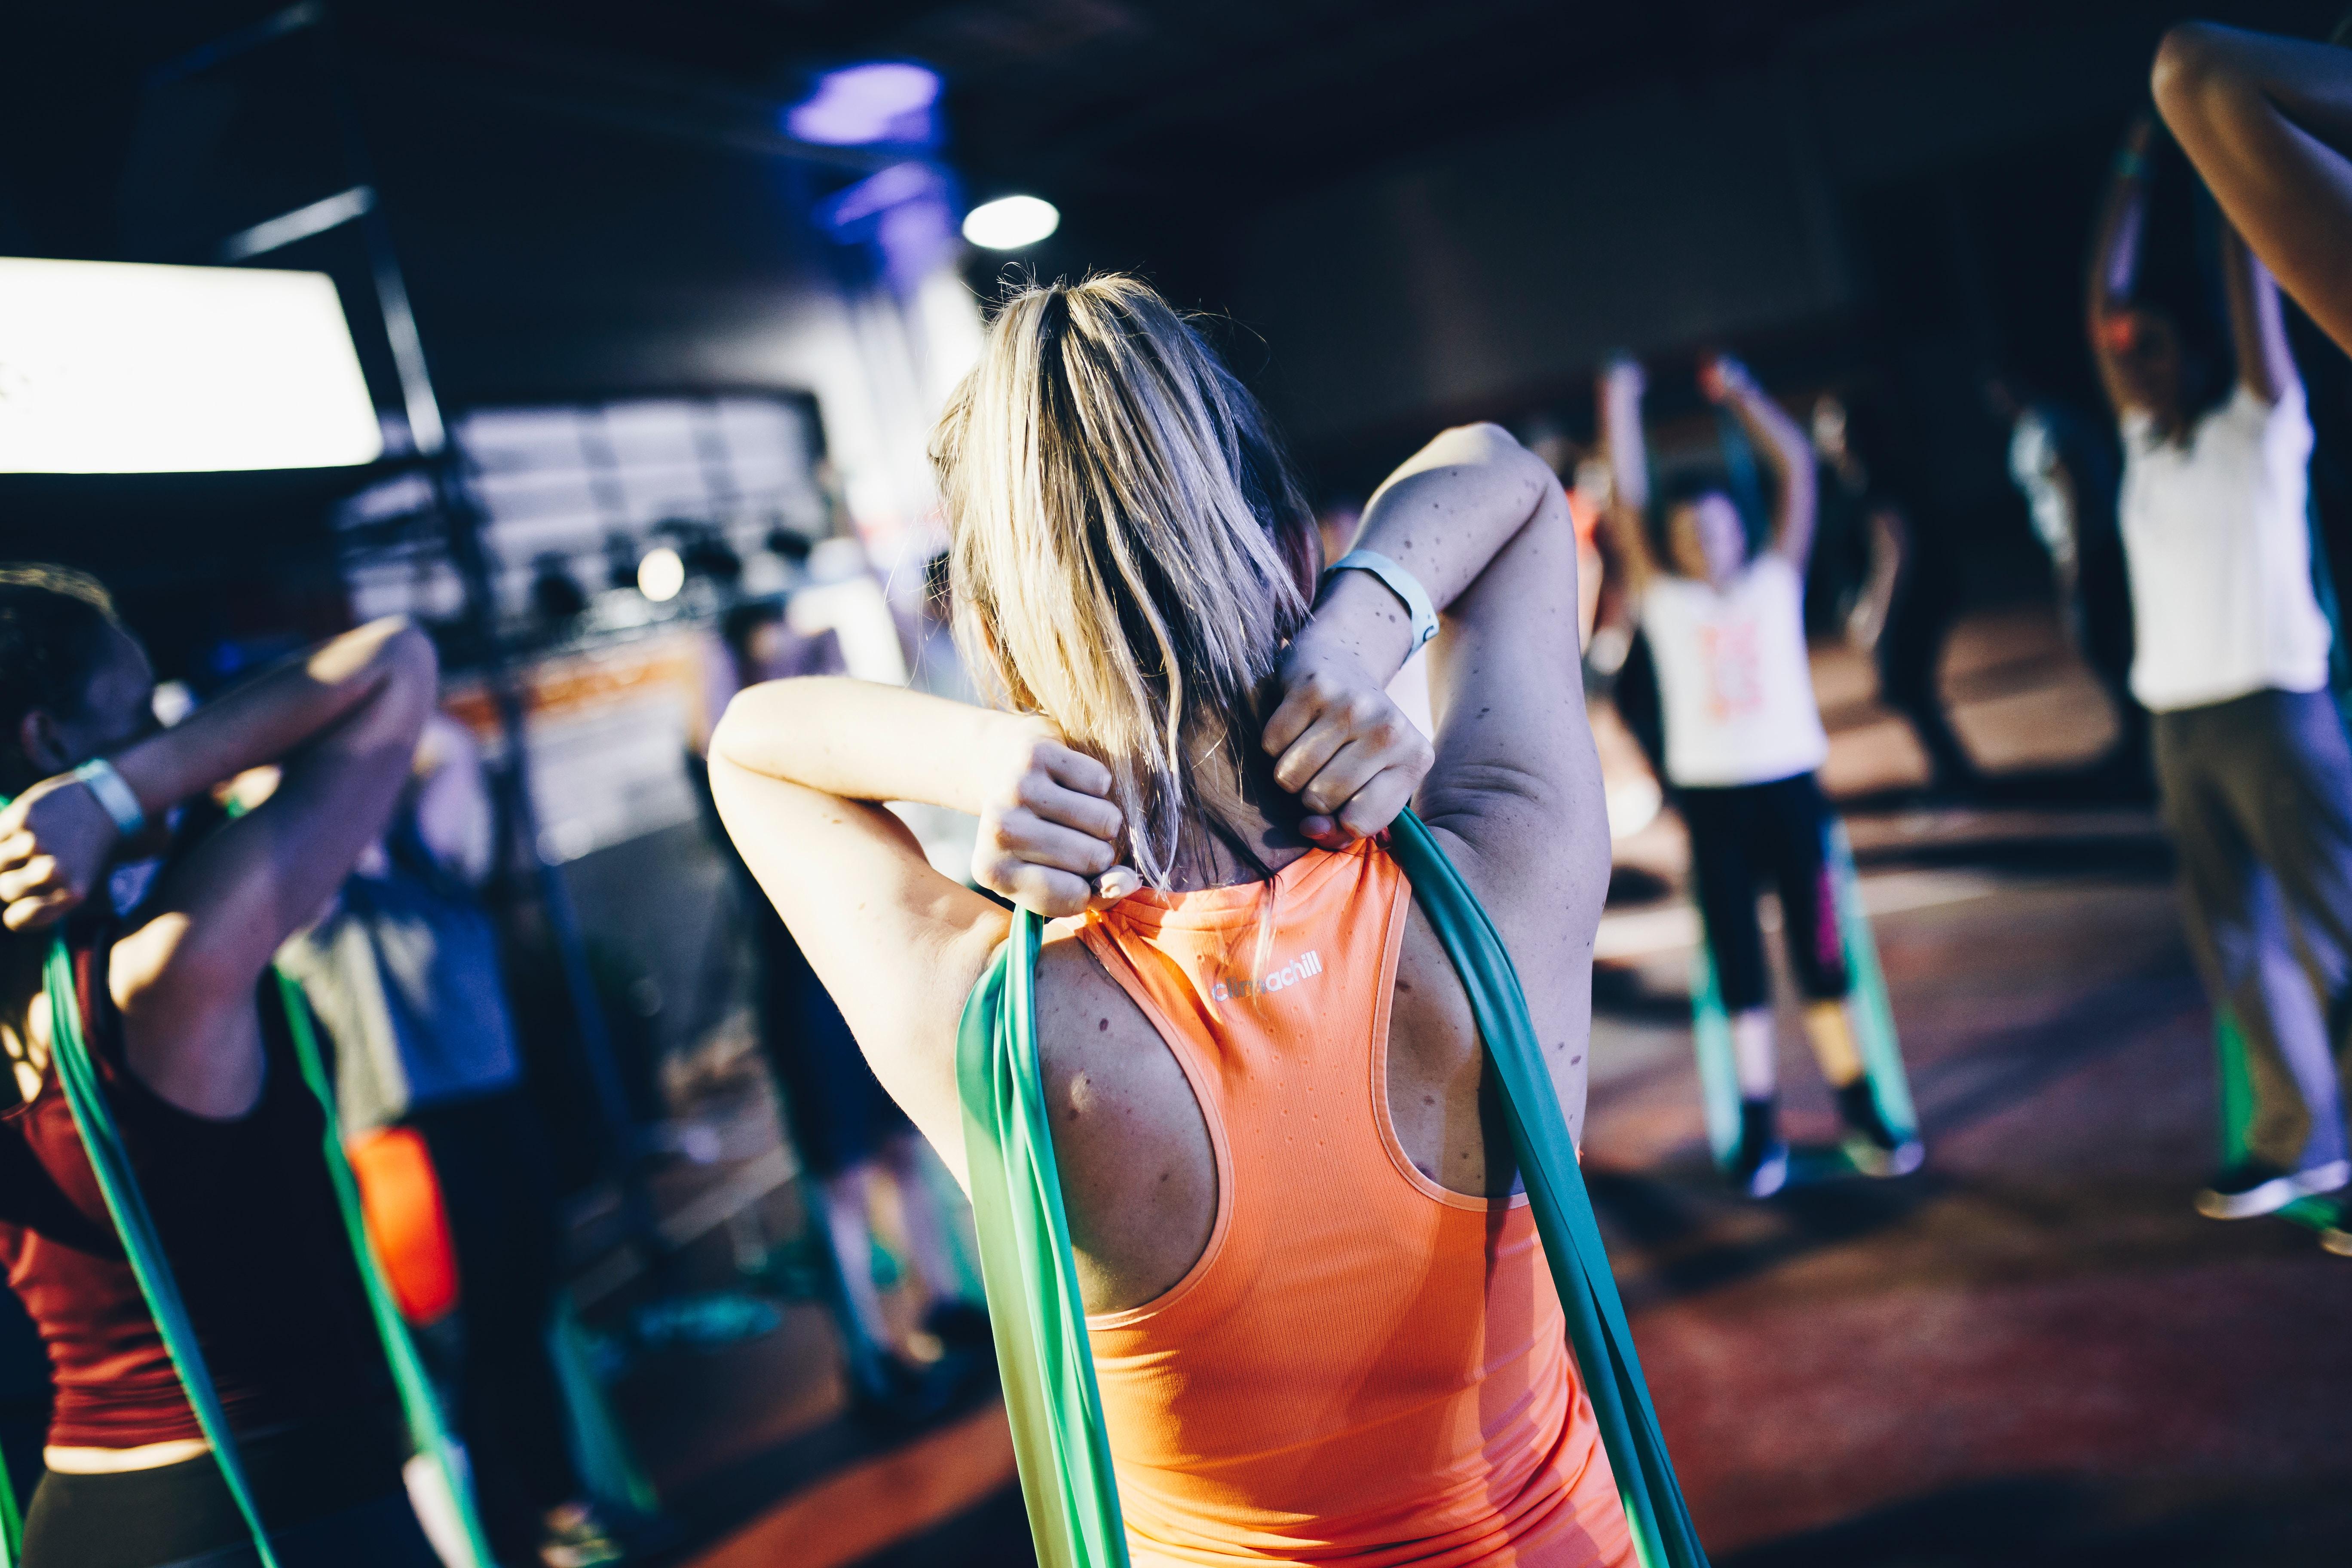 Clases colectivas y fitness en Donosti - Onbide